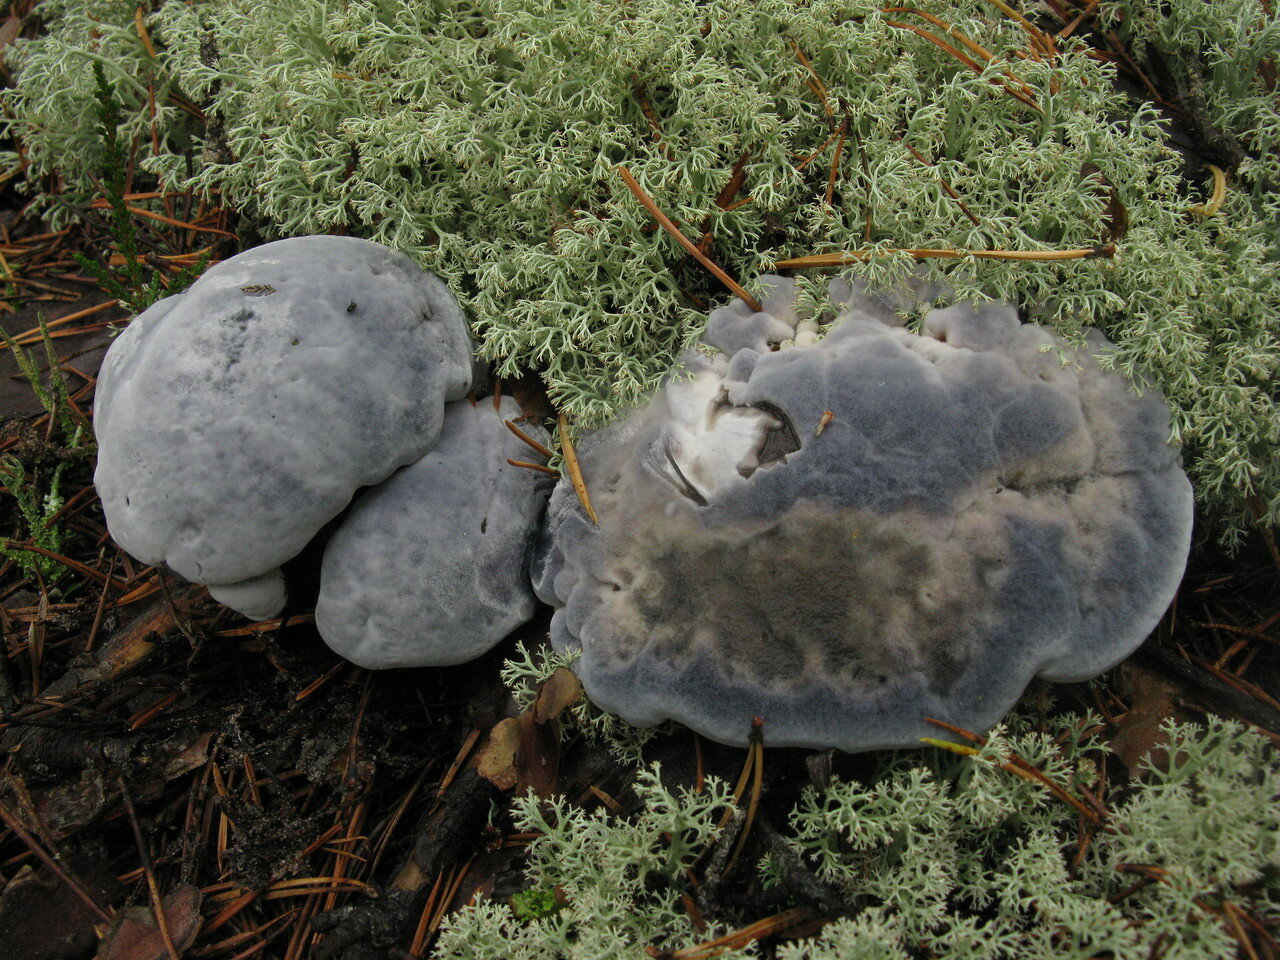 Гиднеллум голубой (Hydnellum caeruleum). Автор фото:Станислав Кривошеев